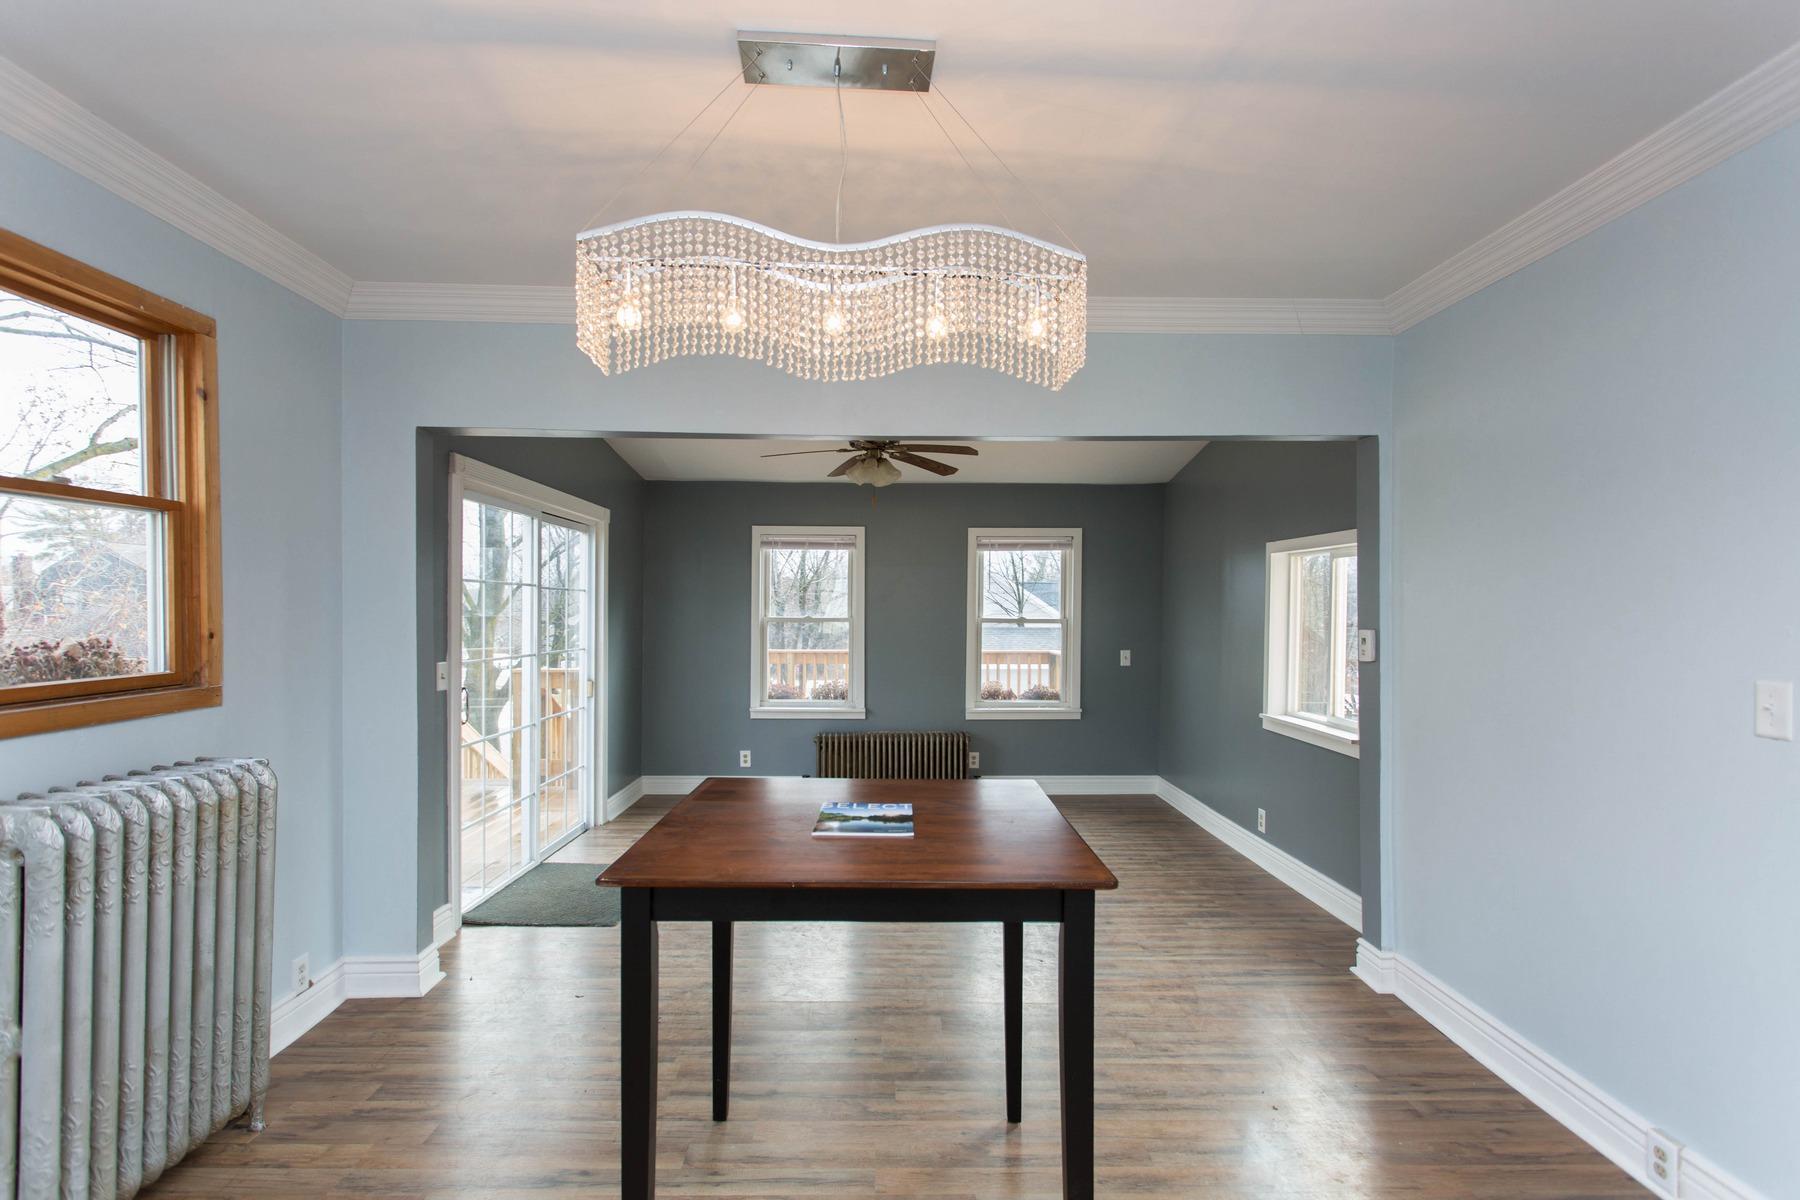 Einfamilienhaus für Verkauf beim Updated 2 Story Home in Saratoga Springs 88 Catherine St Saratoga Springs, New York, 12866 Vereinigte Staaten